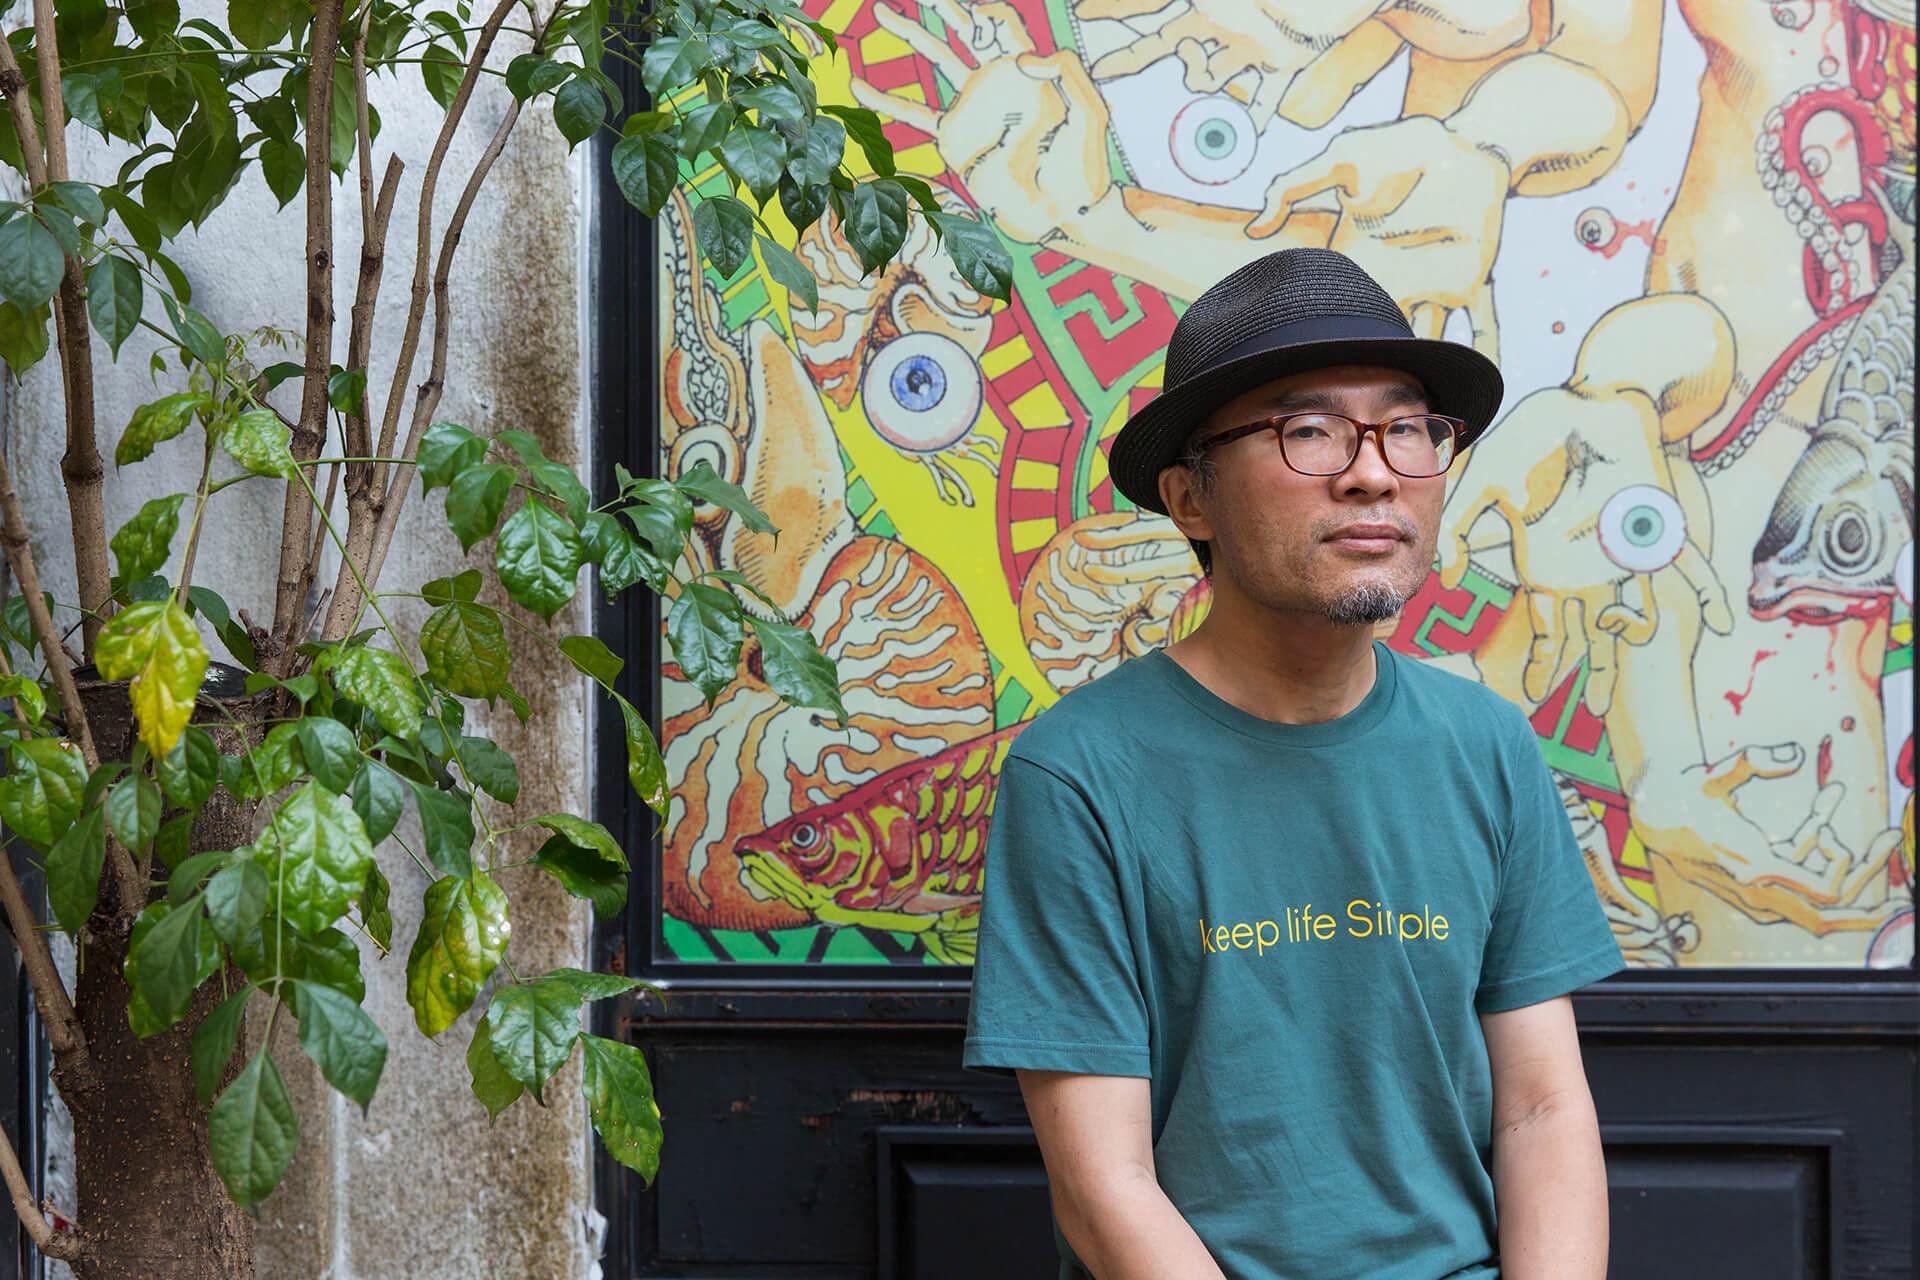 駕籠真太郎(Shintaro Kago)是日本有名的漫畫家,最愛畫荒誕血腥的故事。